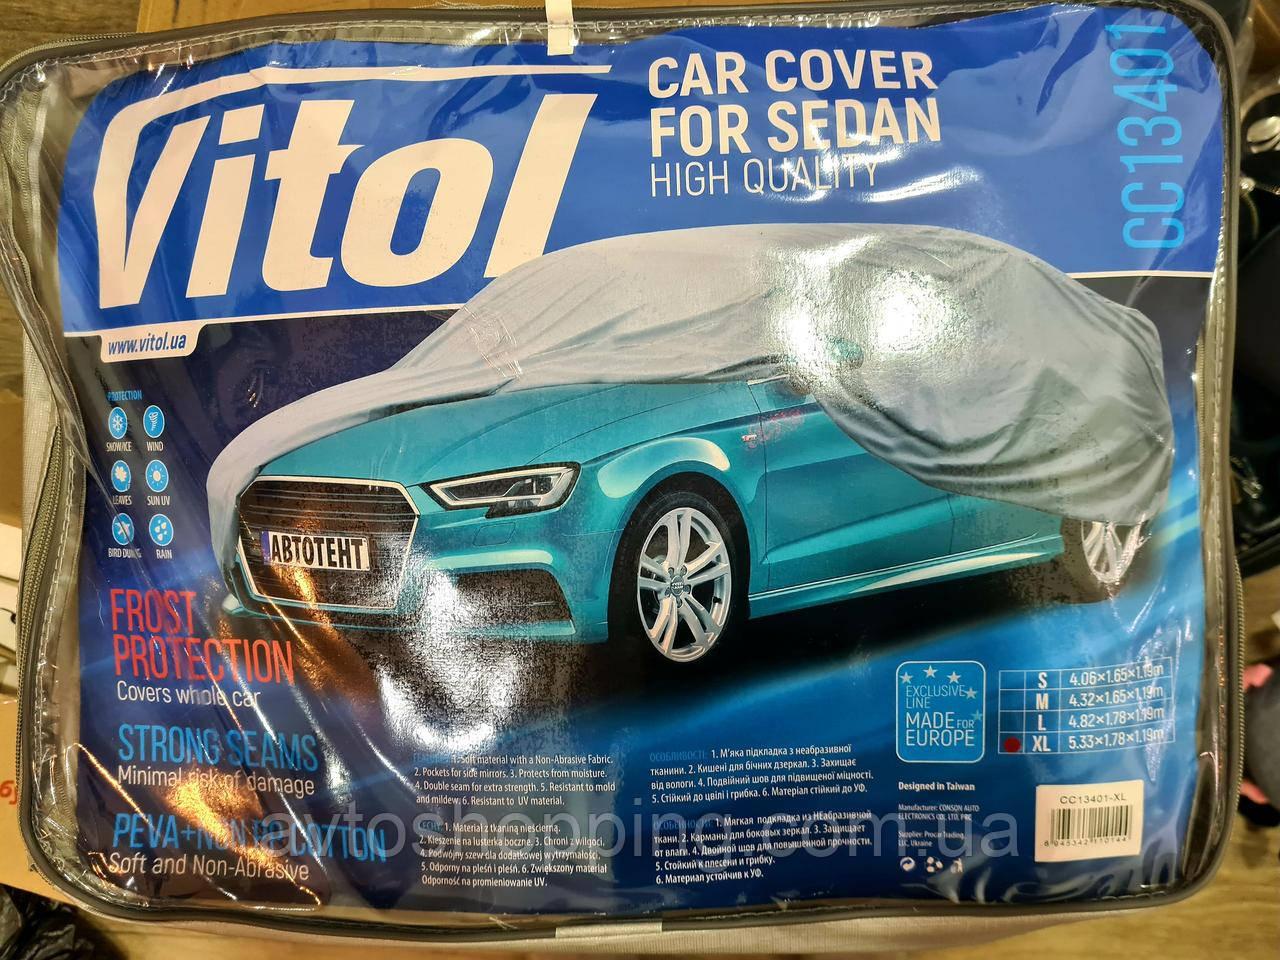 Тент, чохол для автомобіля седан Vitol CC13401 XL Сірий 534х180х120 см